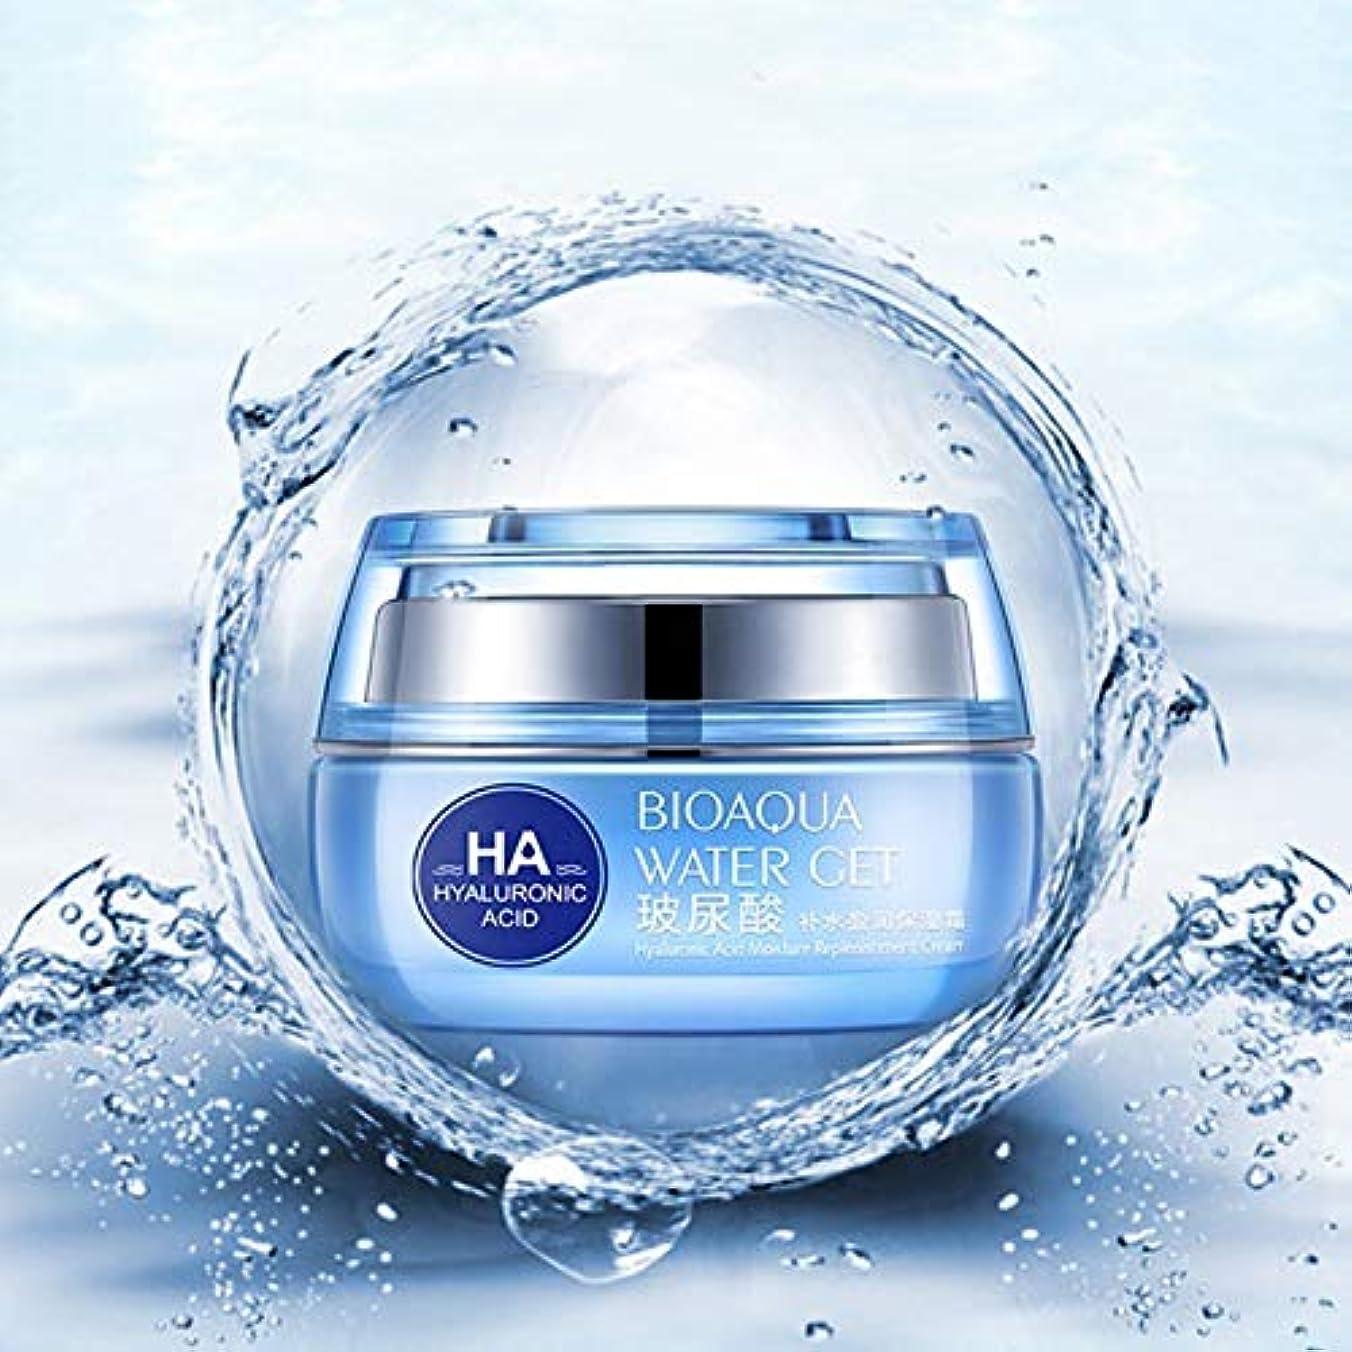 ネーピア抜粋模索2017の保湿剤の補充クリームフェイスケア寧HA抗しわは化粧品をKOR